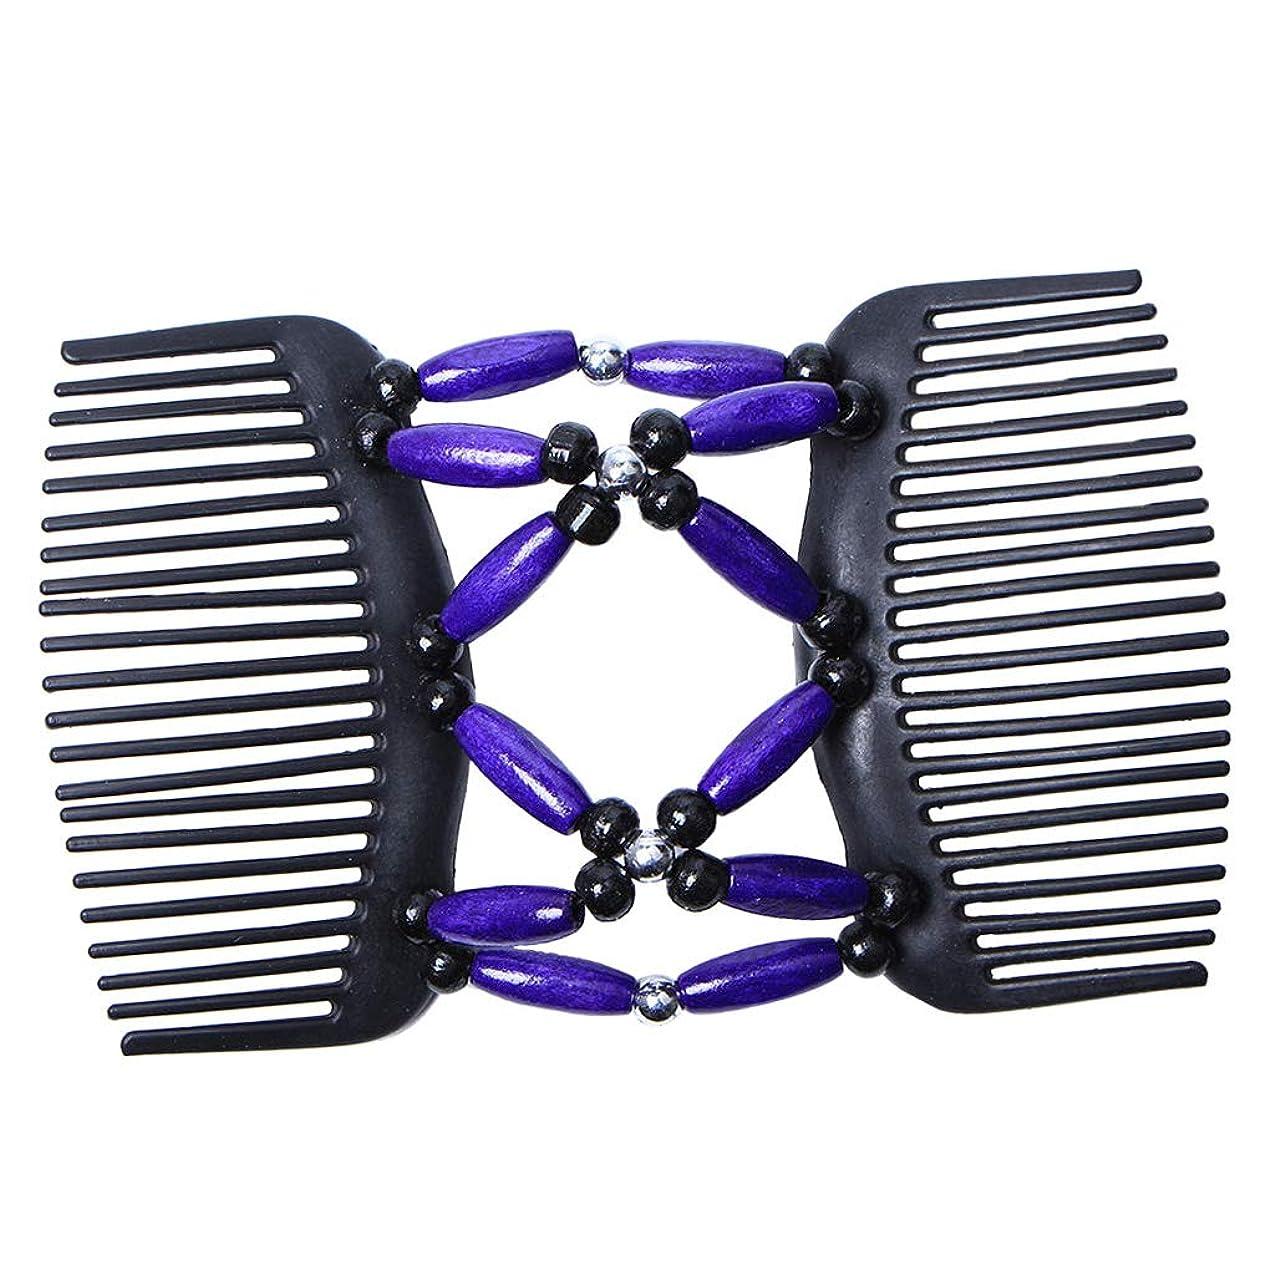 範囲構築するオークションBaoblaze ウッドビーズ ヘアブラシ 髪櫛 ヘアクリップ ダブルコーム レディース 髪型ツール ストレッチ ヘアスタイル - 紫